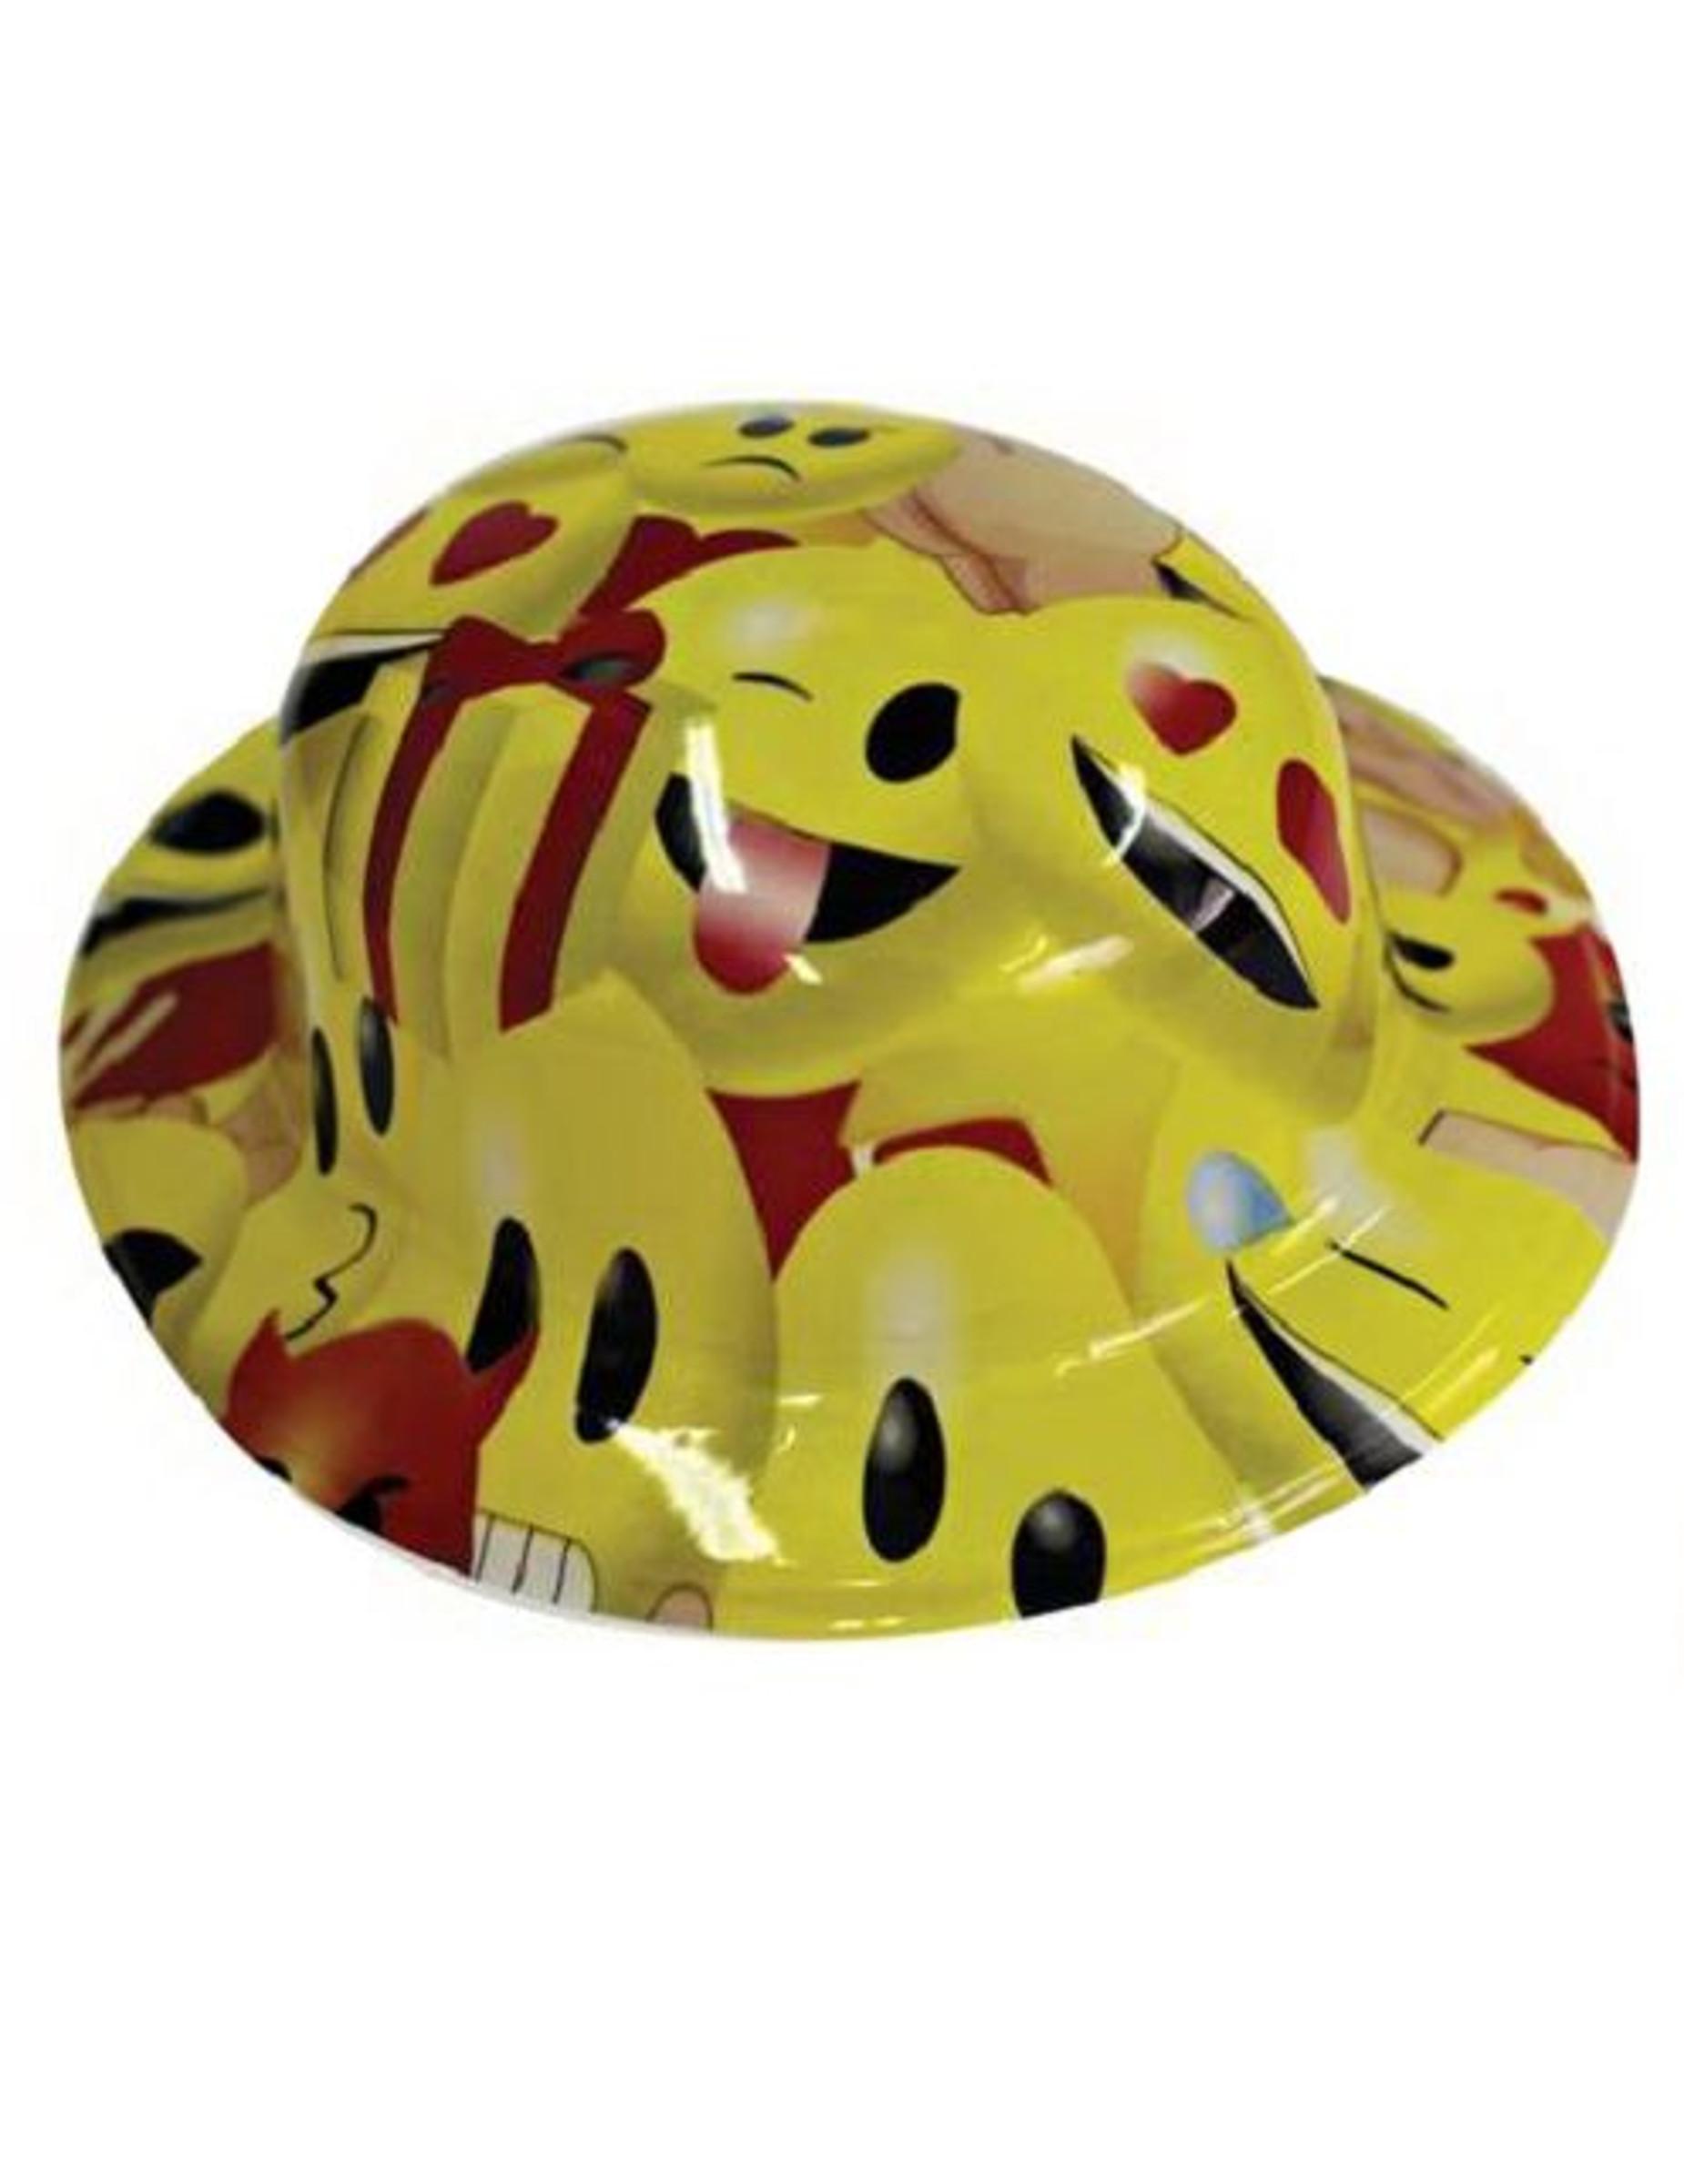 Melone Partyhut Lizenzartikel Emoji Gelb Rot Gunstige Faschings